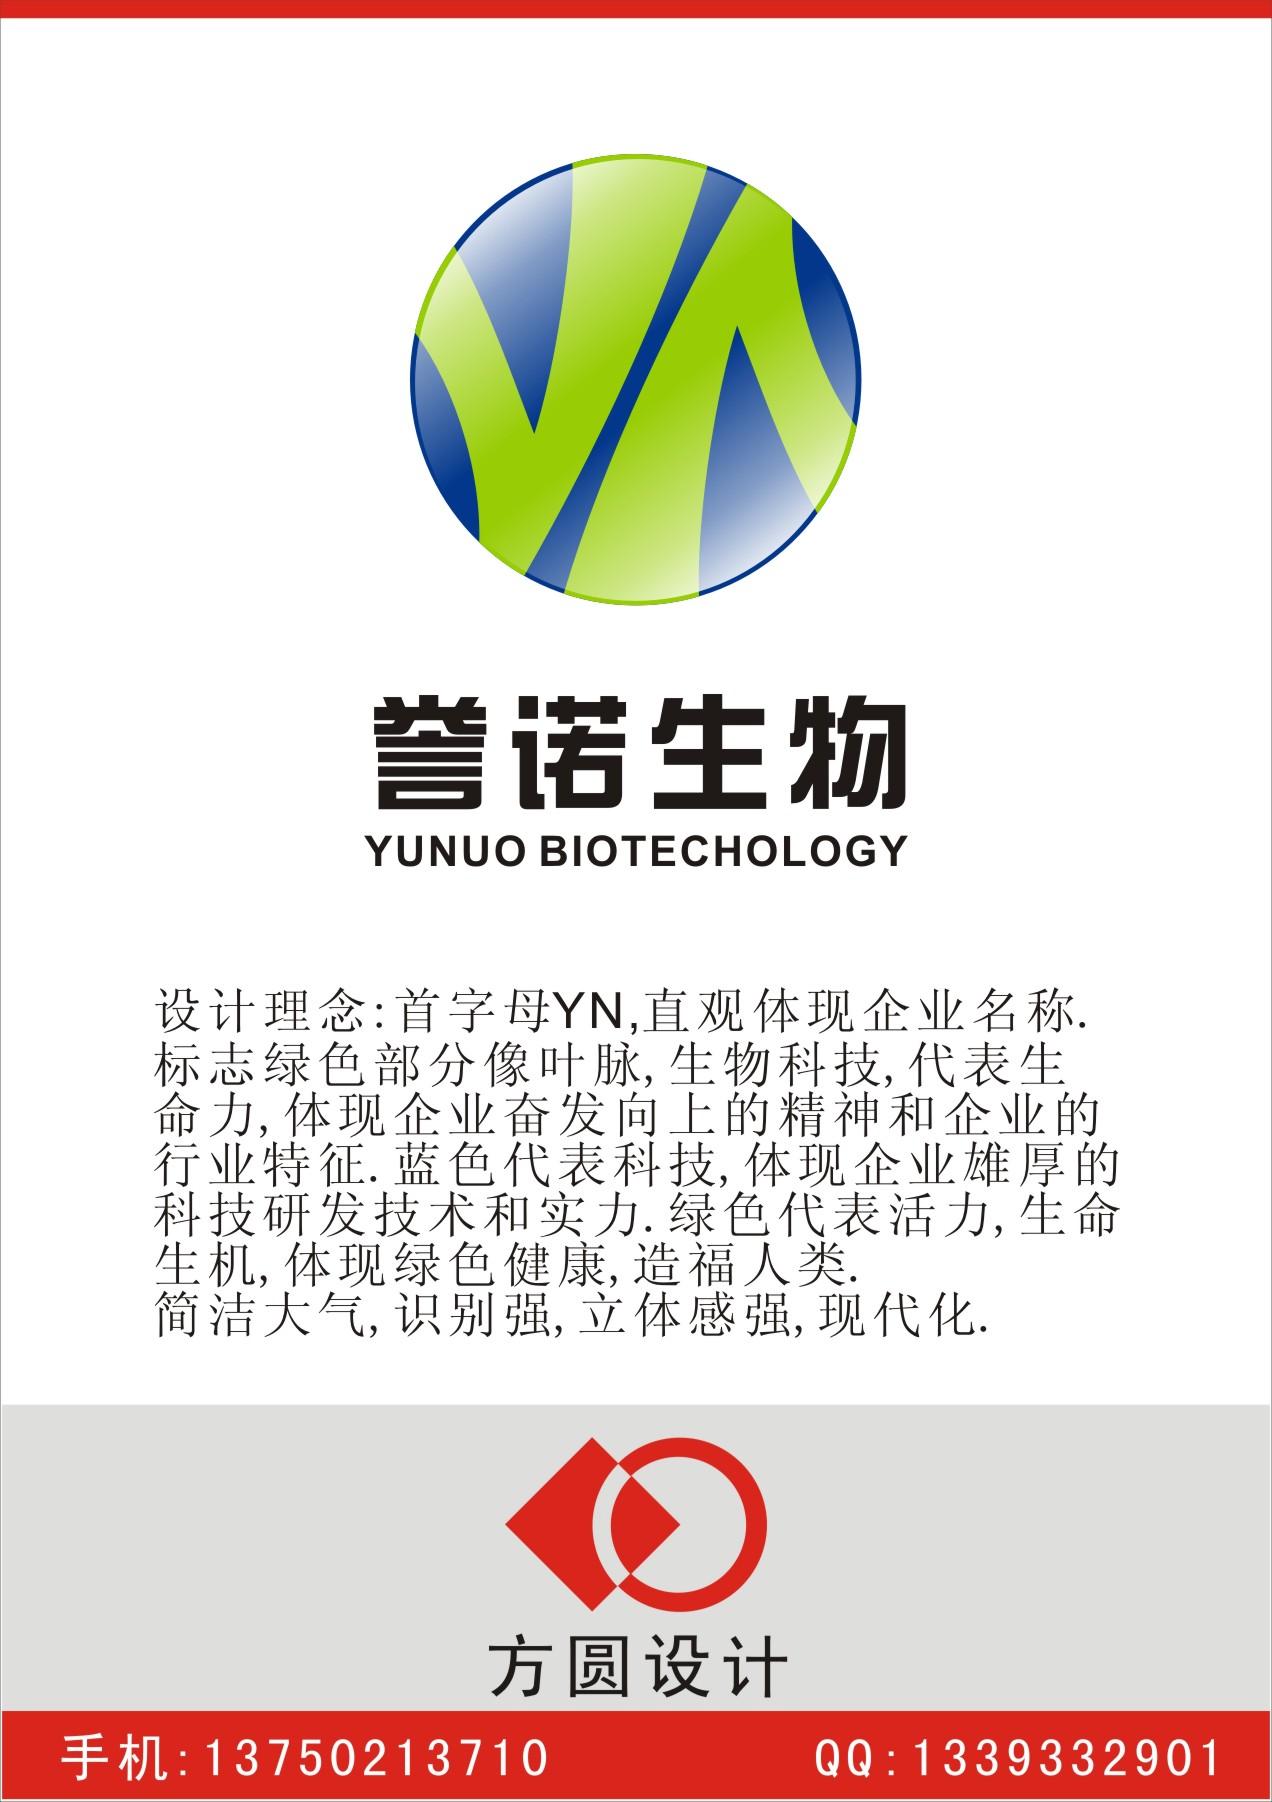 生物科技公司logo及名片设计- 稿件[#2511980]